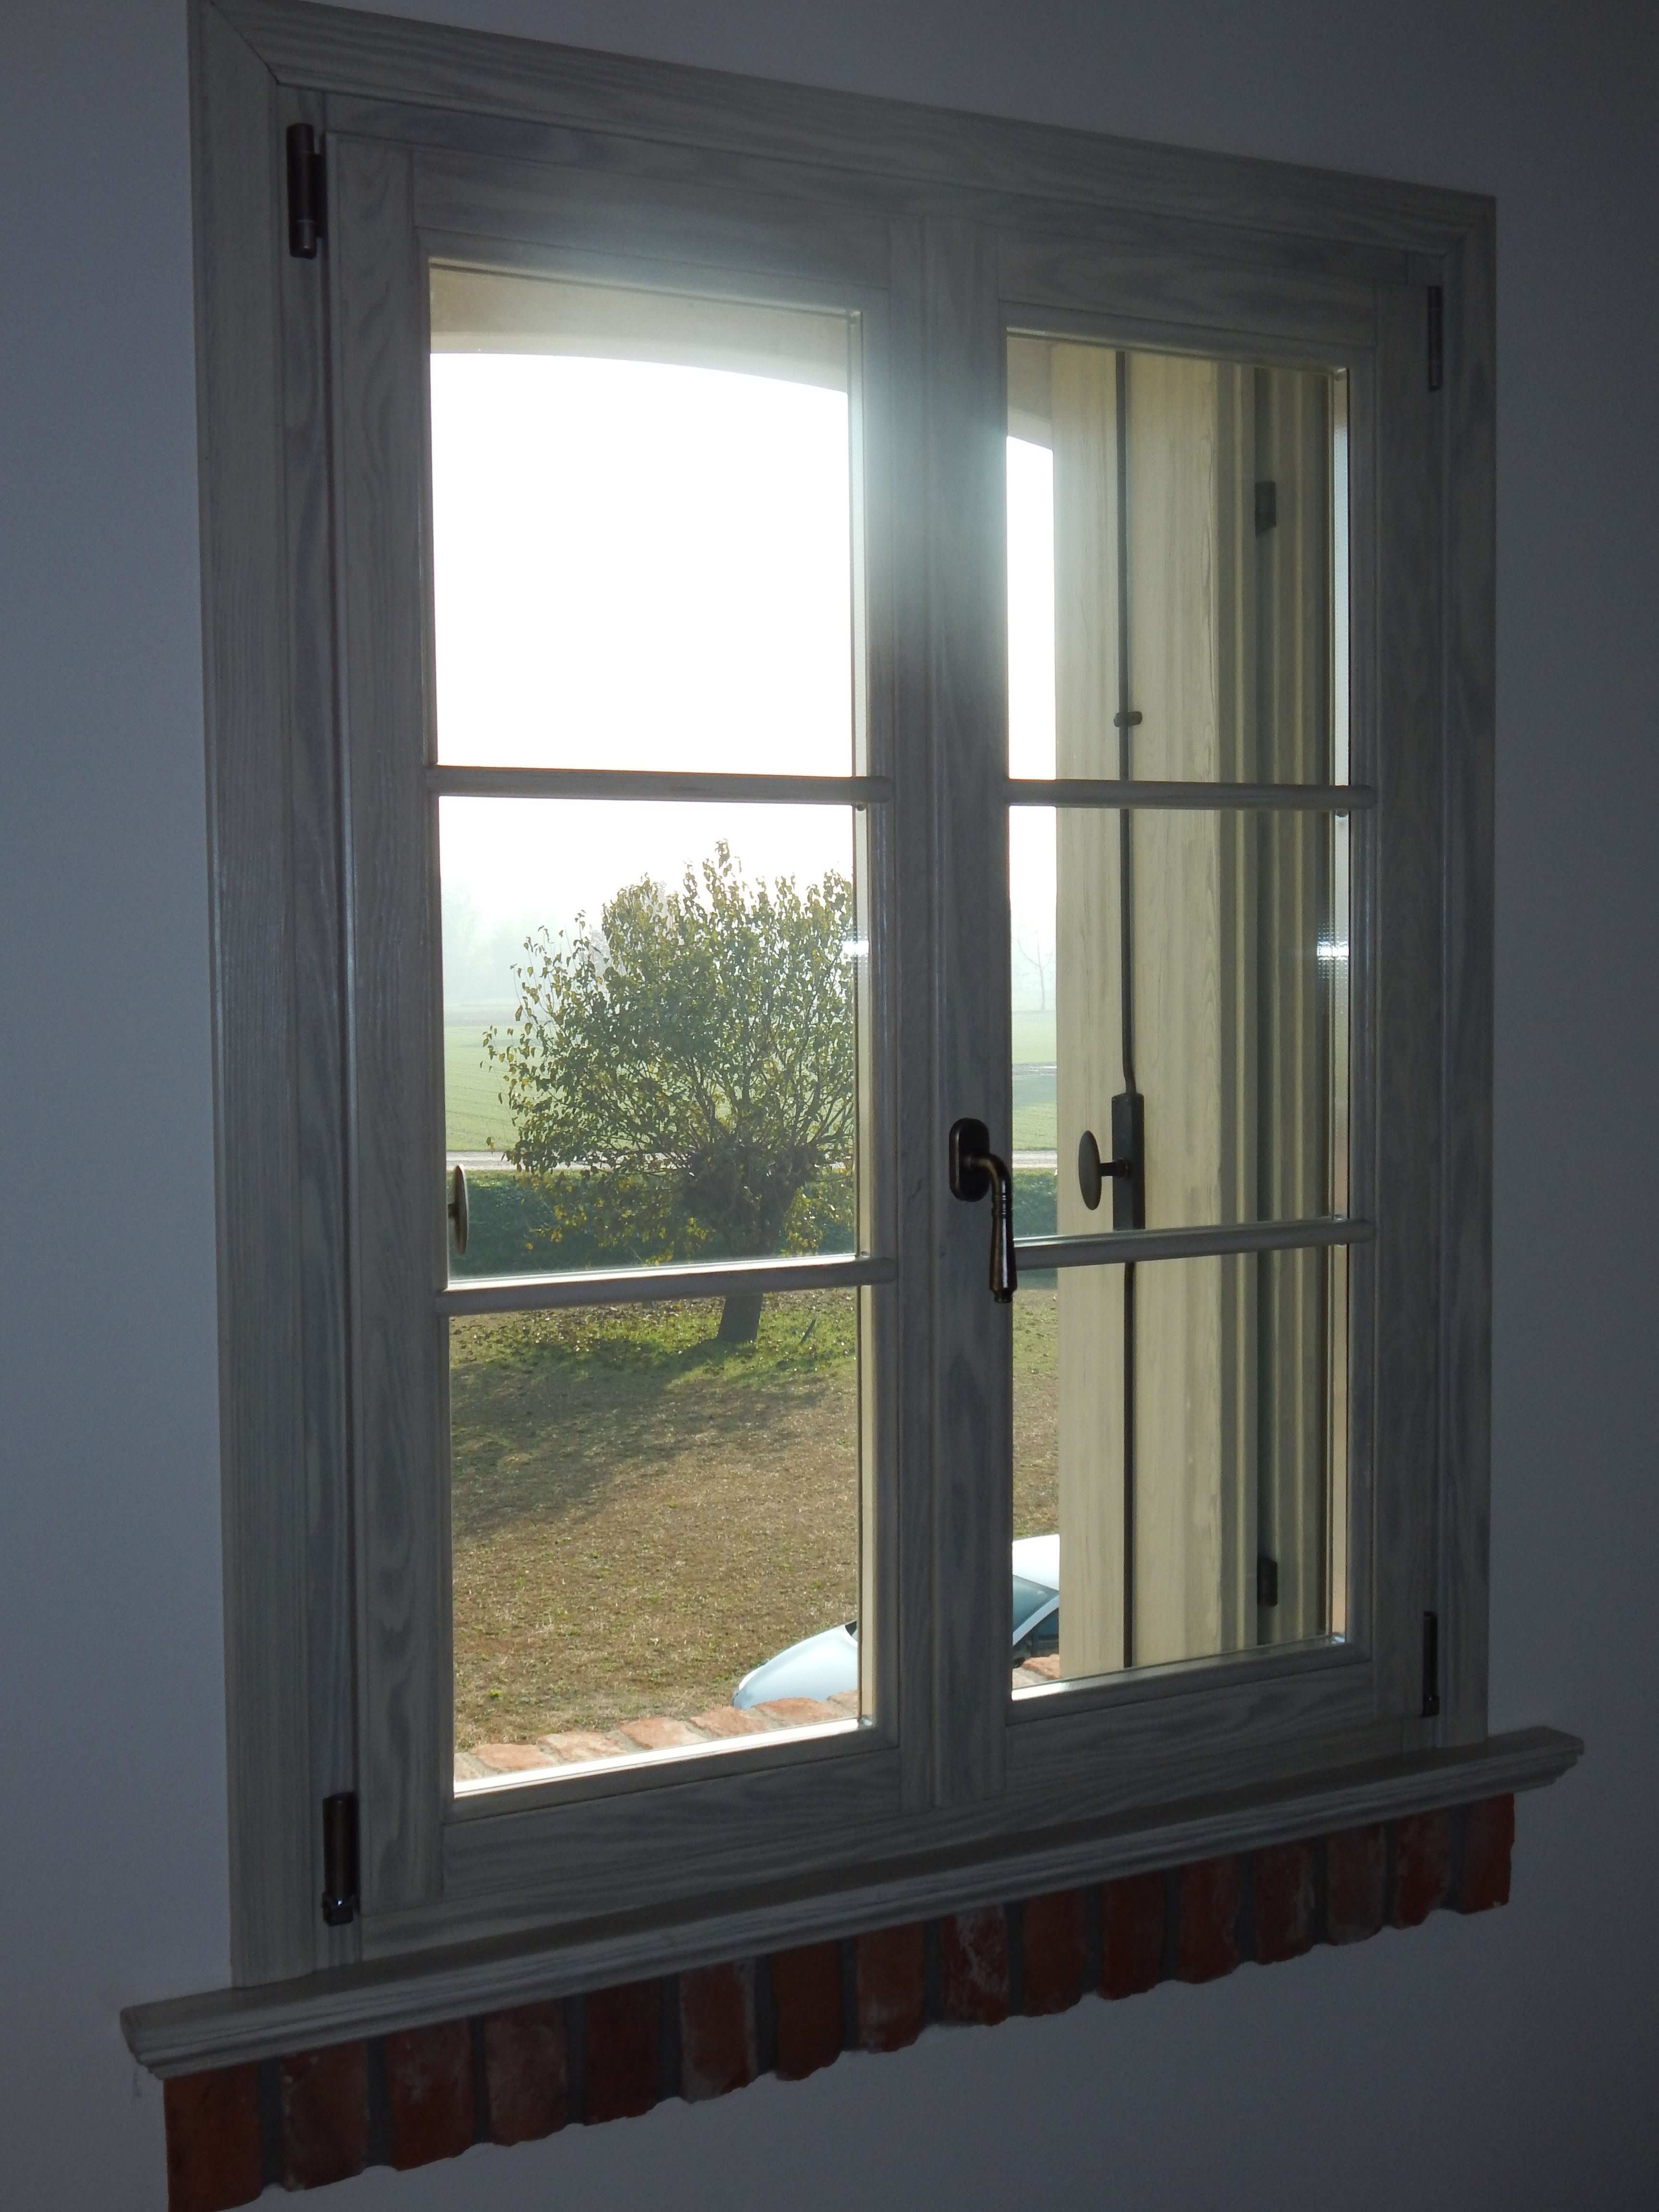 Finestra in larice spazzolato modello barocco padova - La finestra padova ...